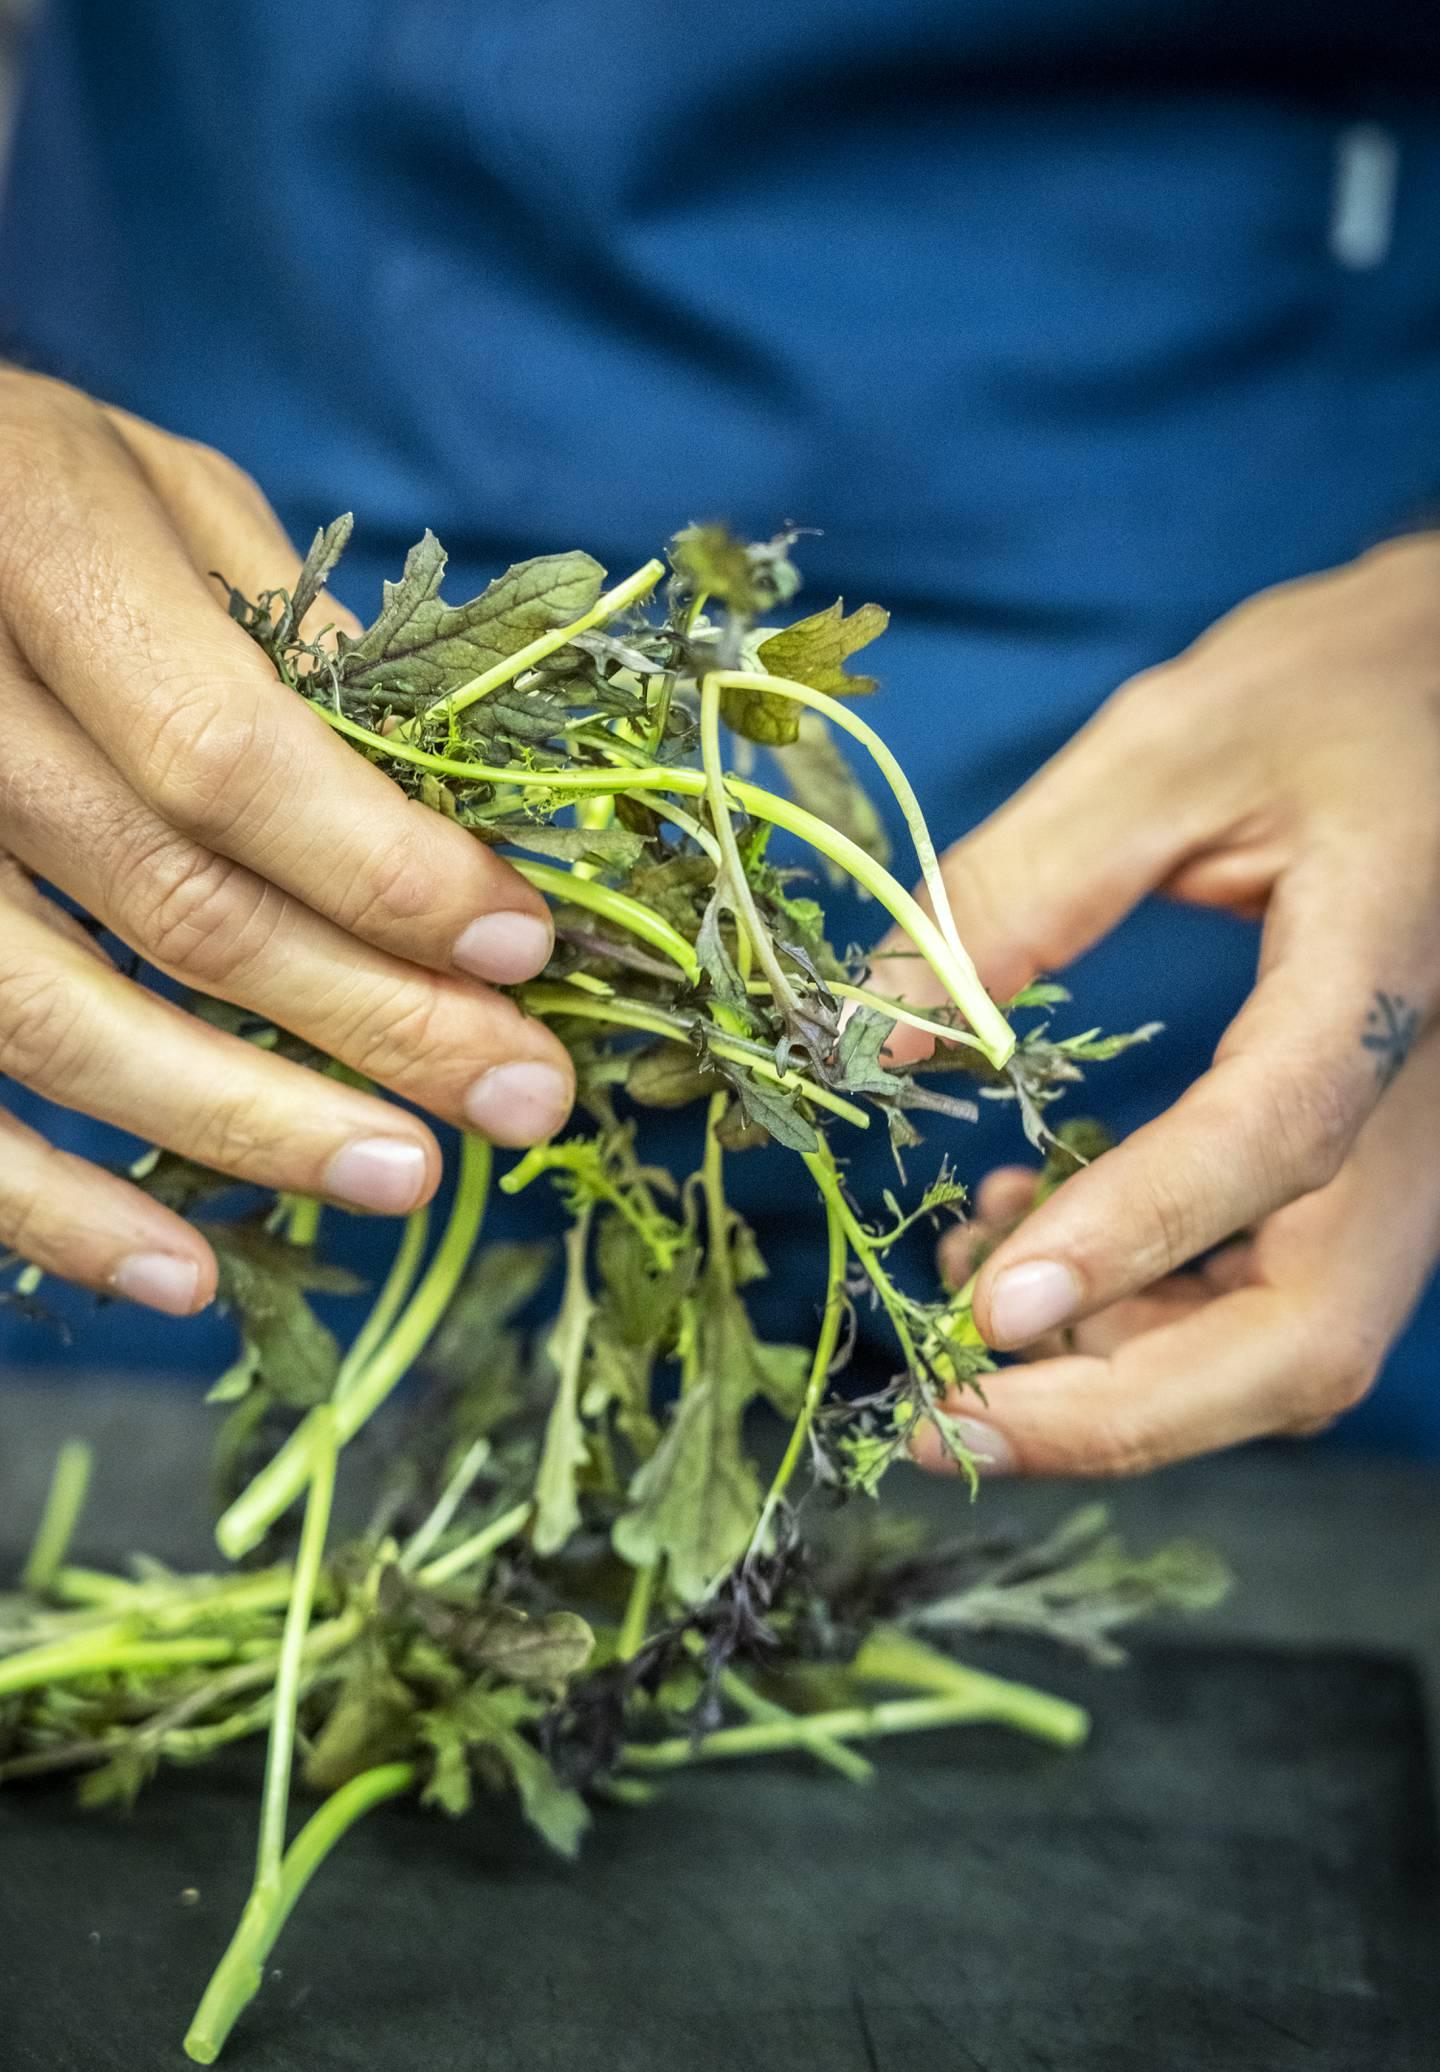 Bruk den salaten du har, og bland gjerne små blader av flere sorter.